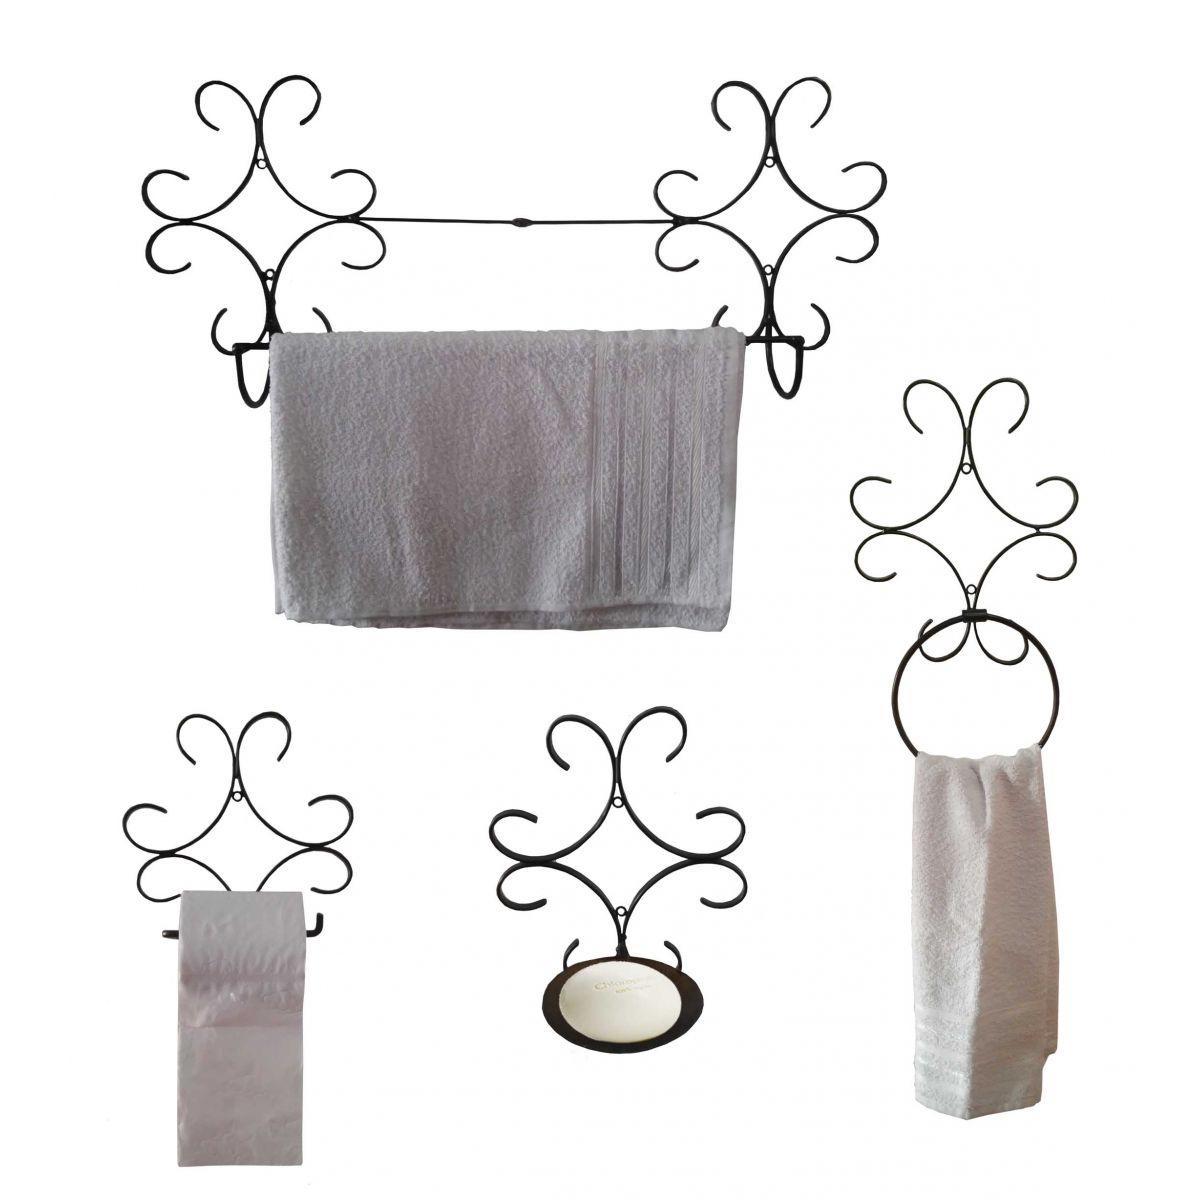 Kit Banheiro Artesanal, Toalha, Papel e Sabonete em Ferro Rústico